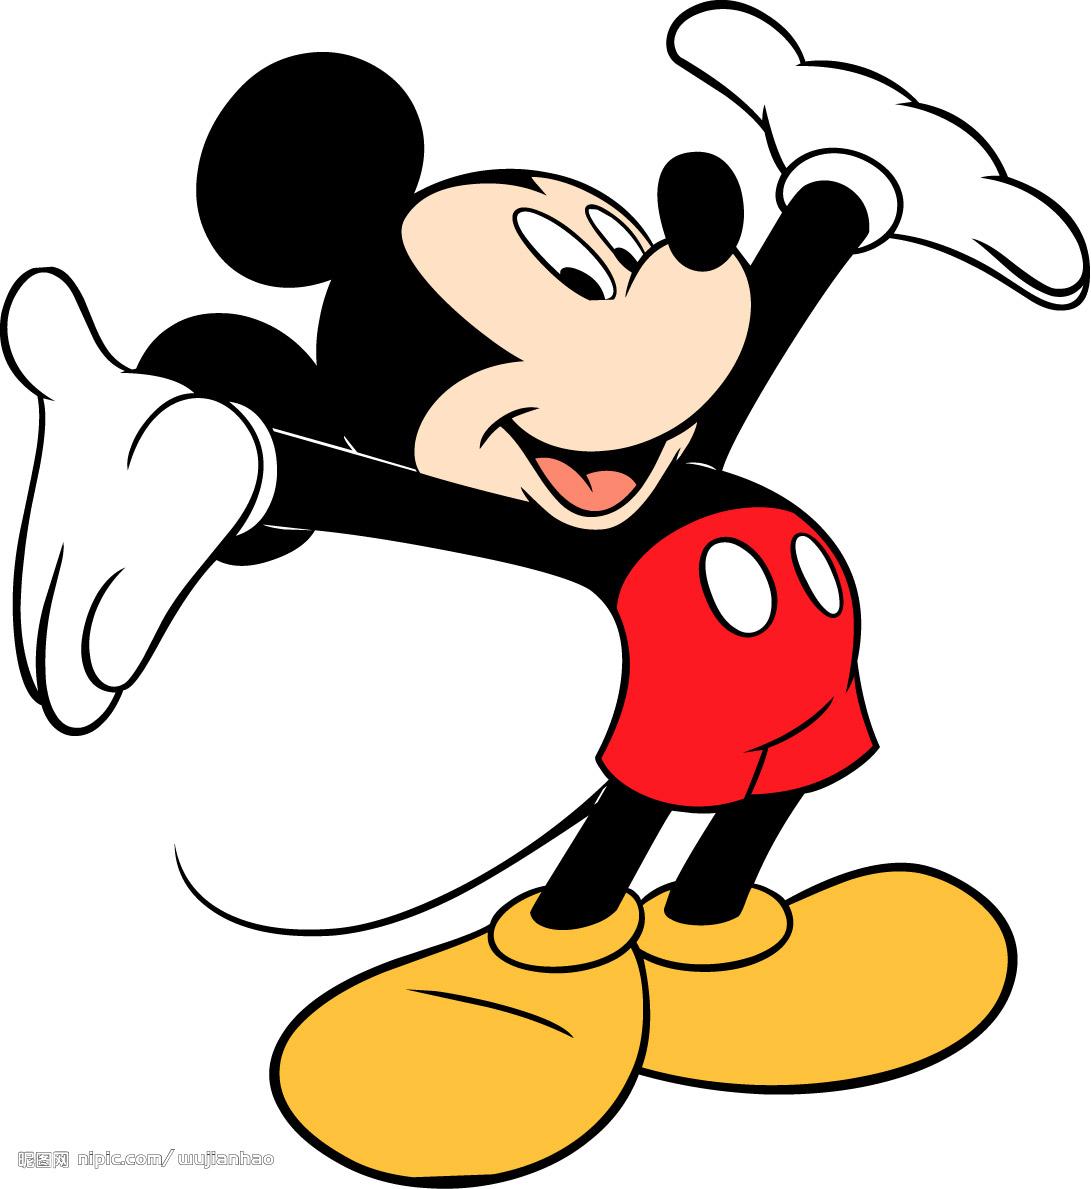 米老鼠 mickey 经典动漫人物卡通形象排行榜 天